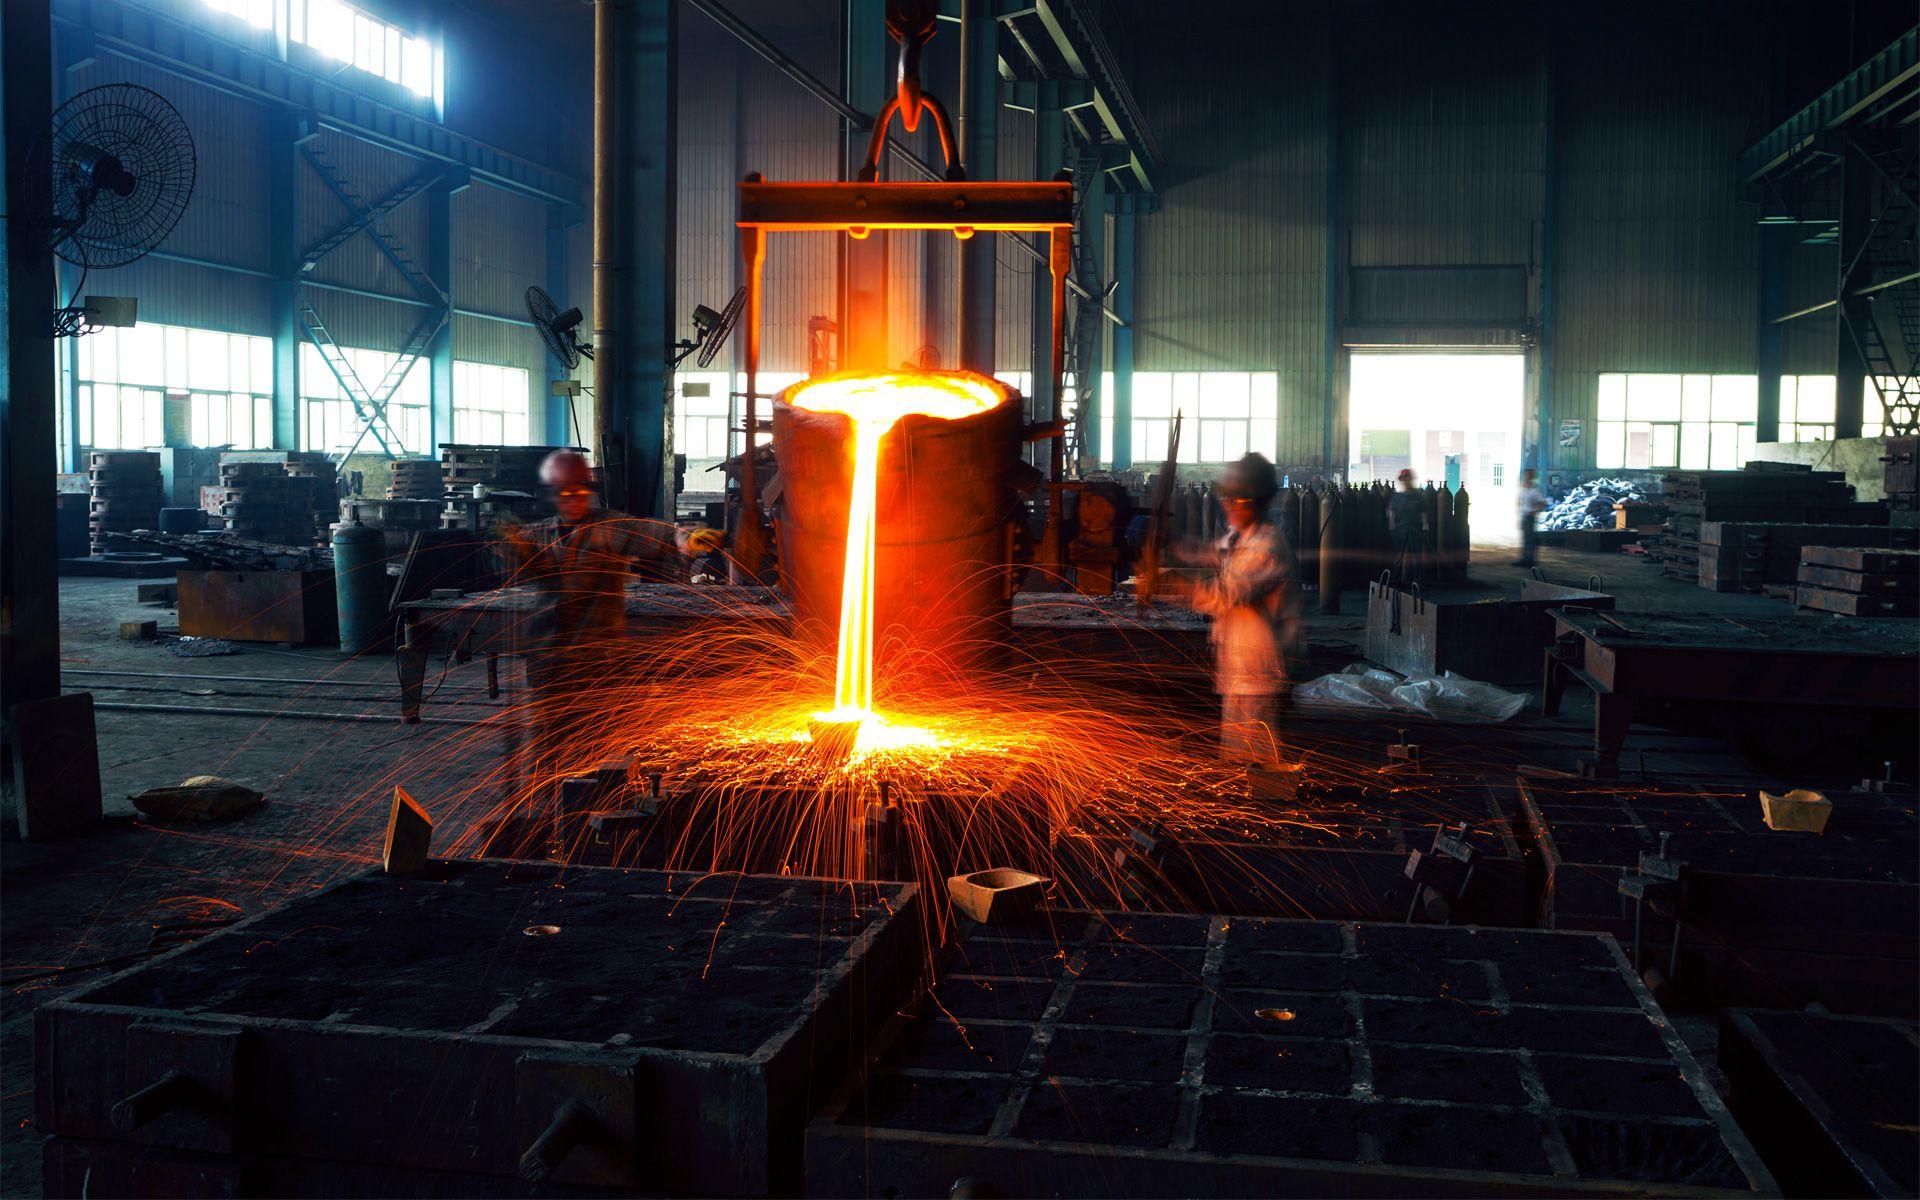 День работников металлургической и горнодобывающей промышленности Украины  — фото 2